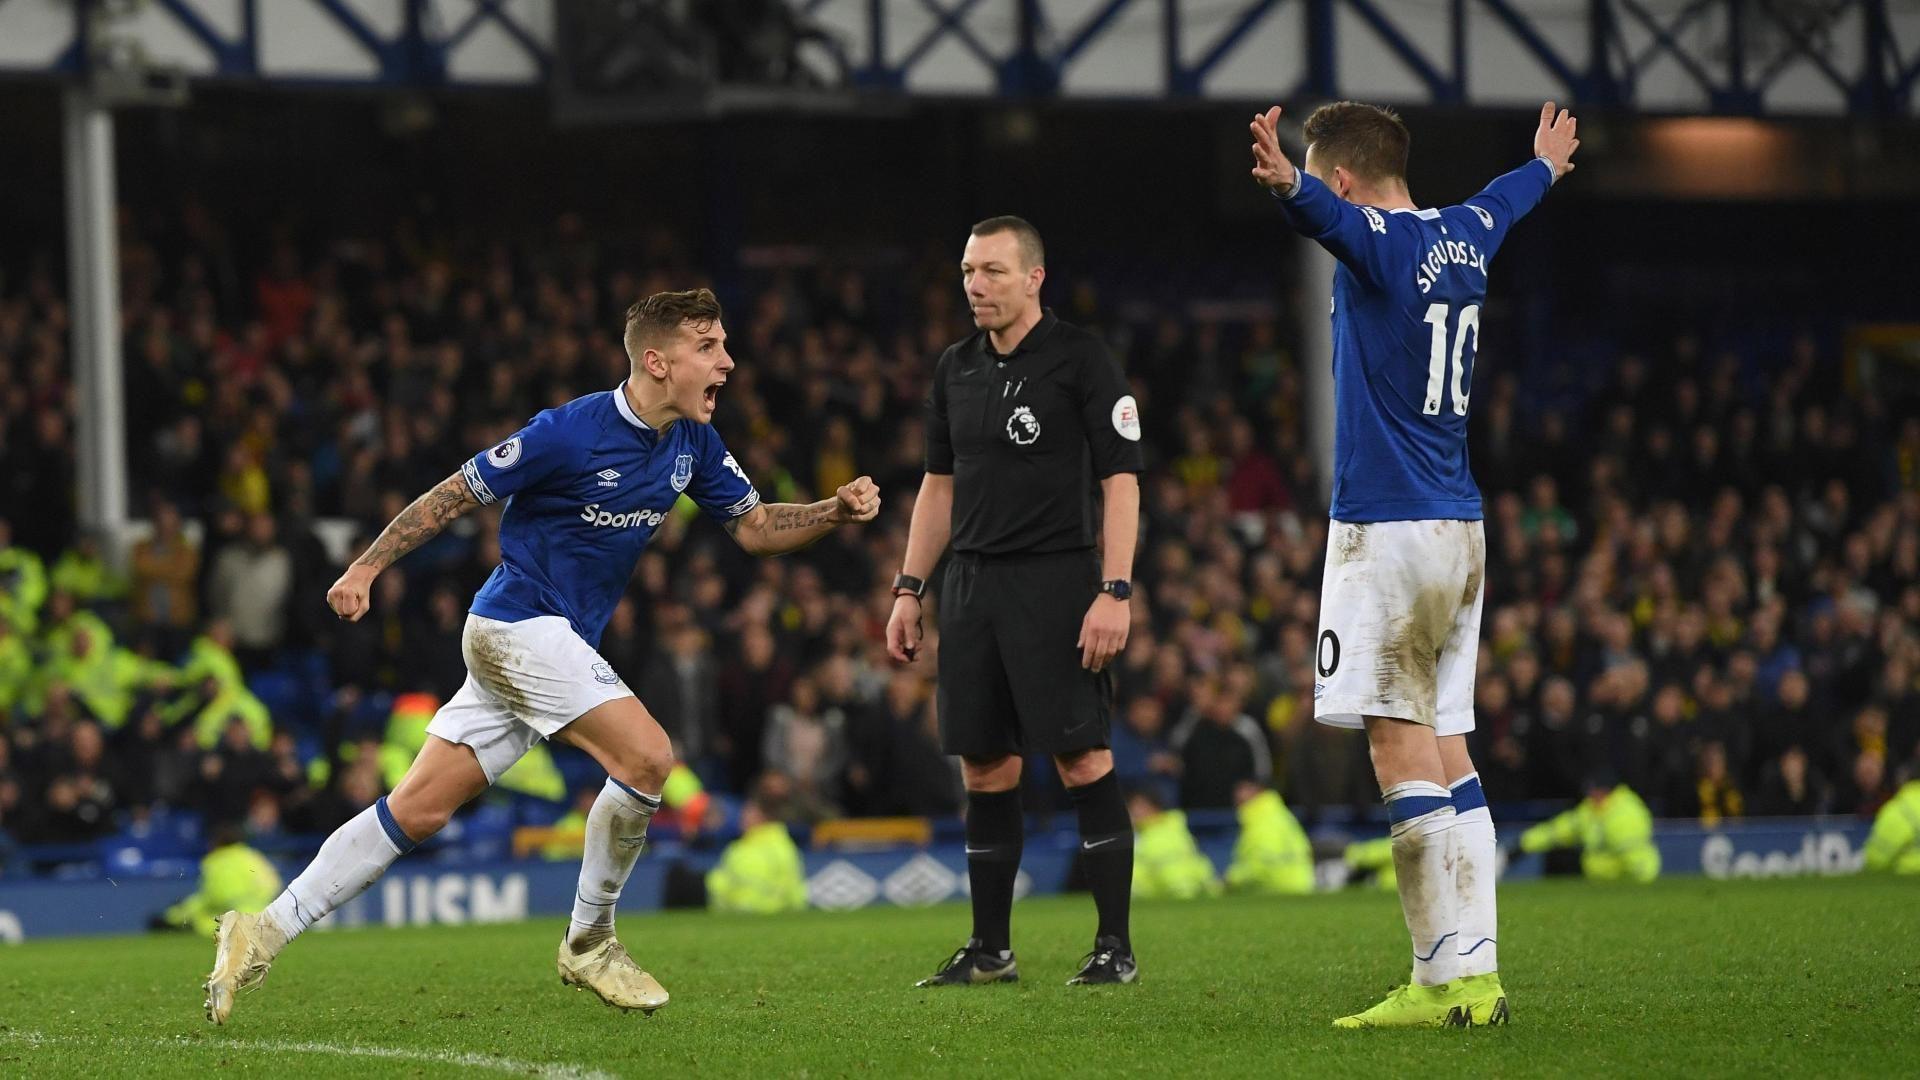 Agónico empate de Everton en el minuto 95